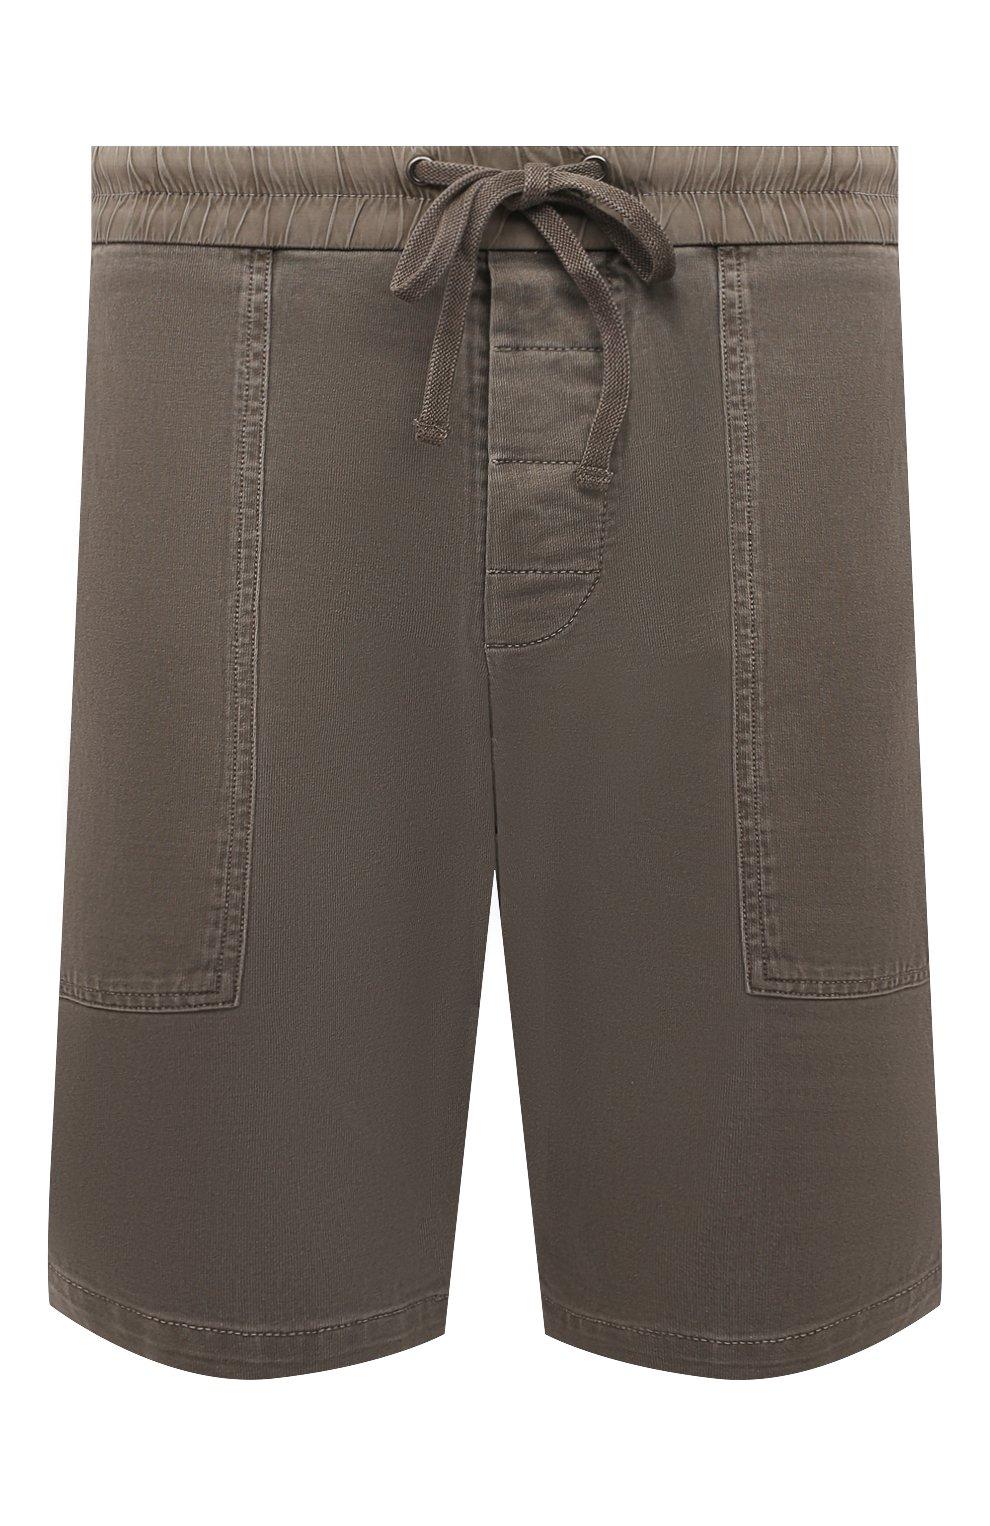 Мужские хлопковые шорты JAMES PERSE хаки цвета, арт. MNW4197 | Фото 1 (Мужское Кросс-КТ: Шорты-одежда; Длина Шорты М: До колена; Принт: Без принта; Материал внешний: Хлопок; Стили: Кэжуэл)